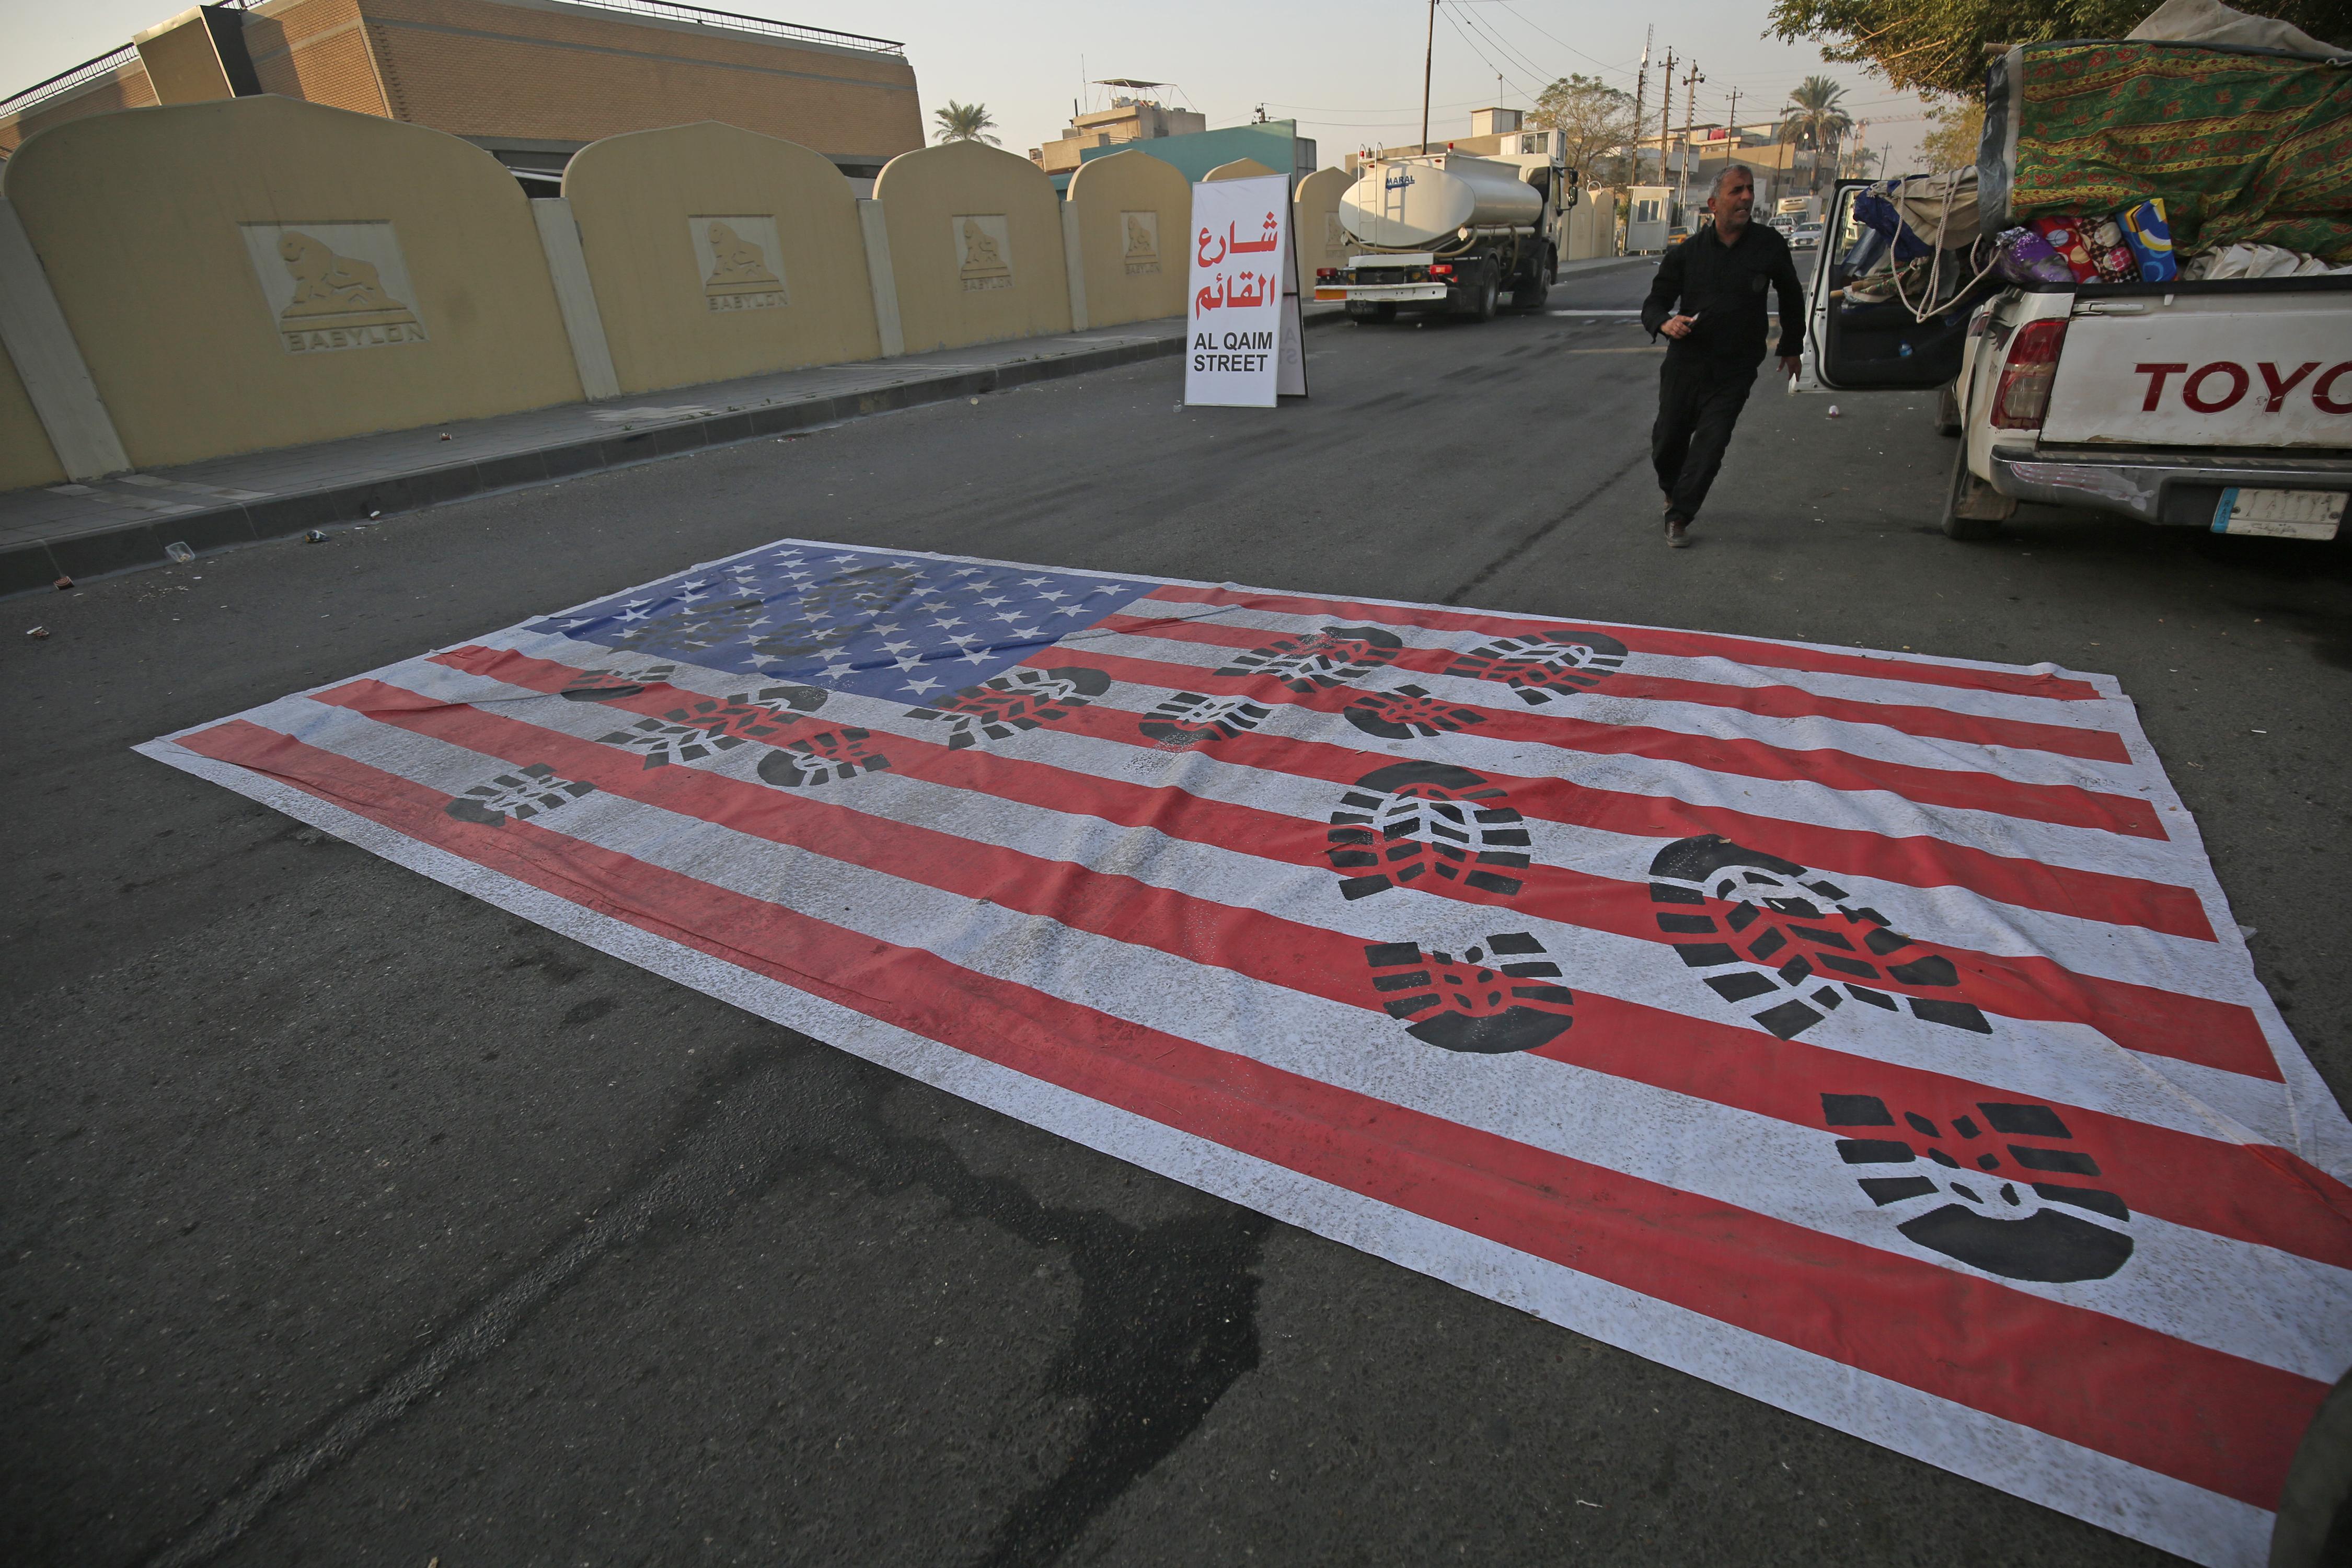 Az iraki parlament az amerikai katonák hazaküldéséről szavazott